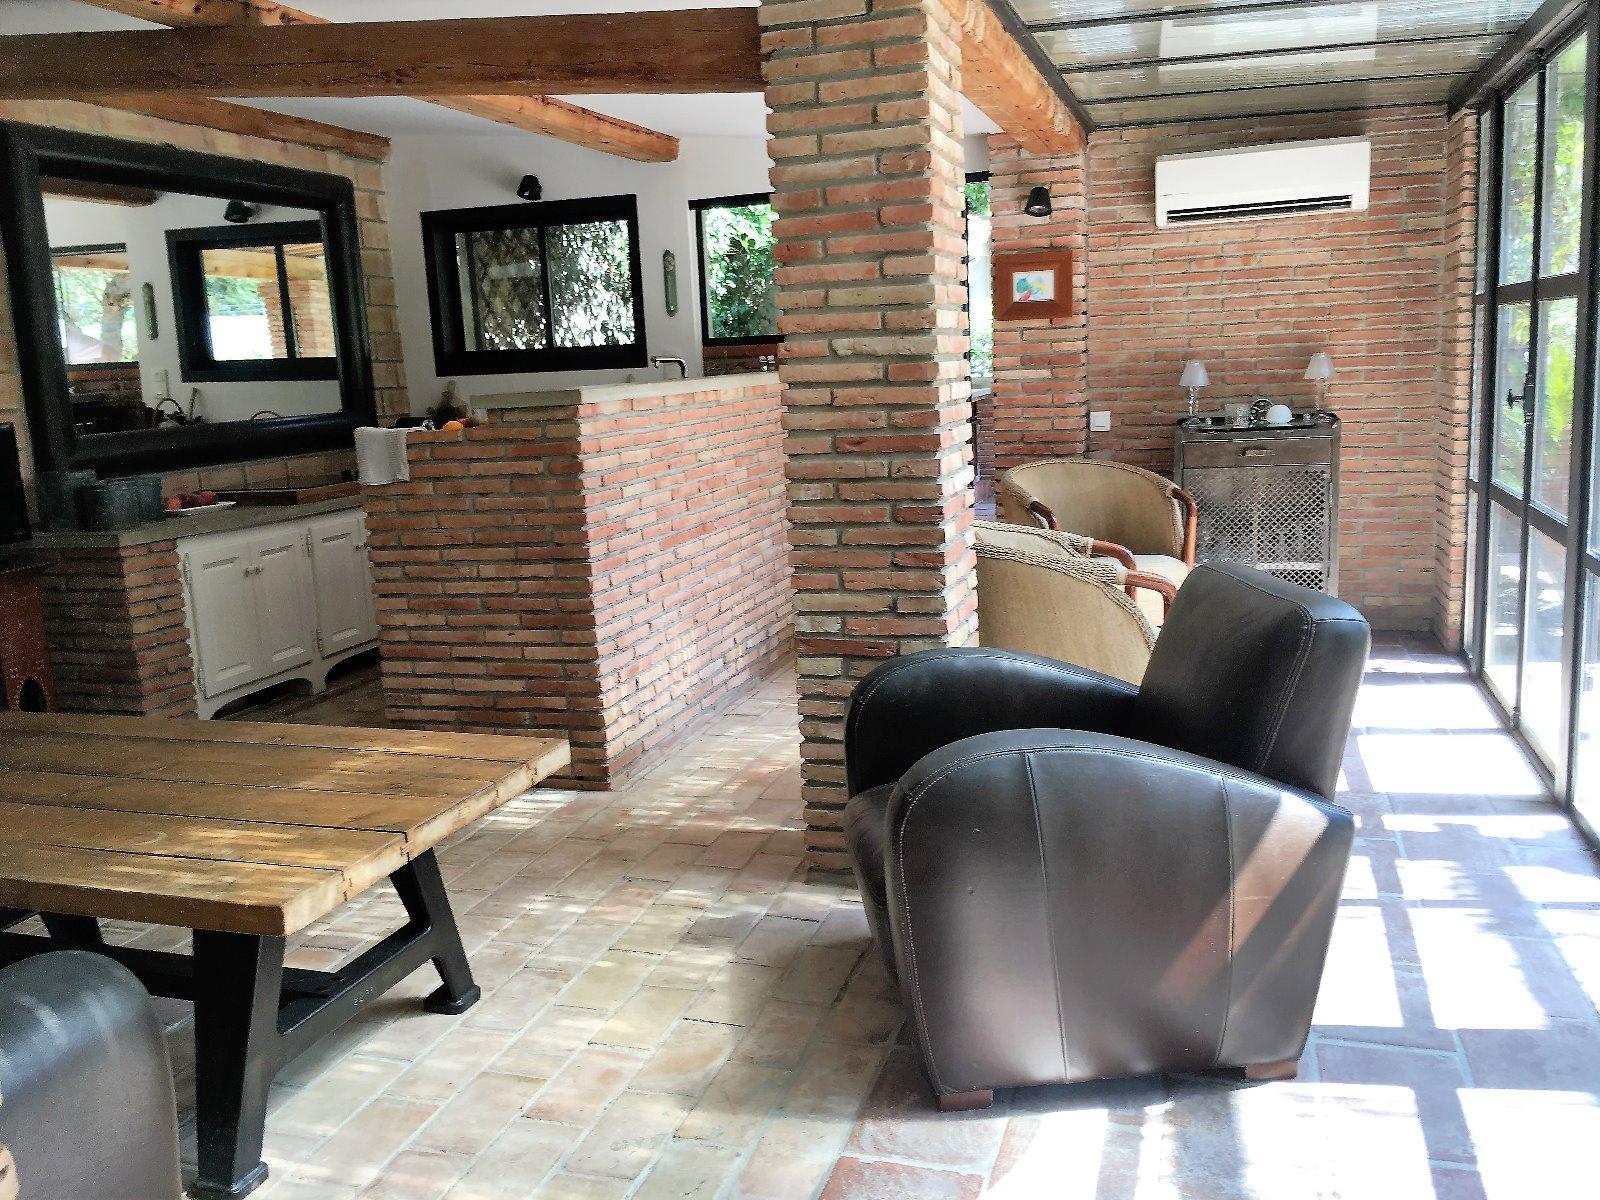 Vente magnifique projet de r novation d 39 une maison for Garage a vendre toulon mourillon